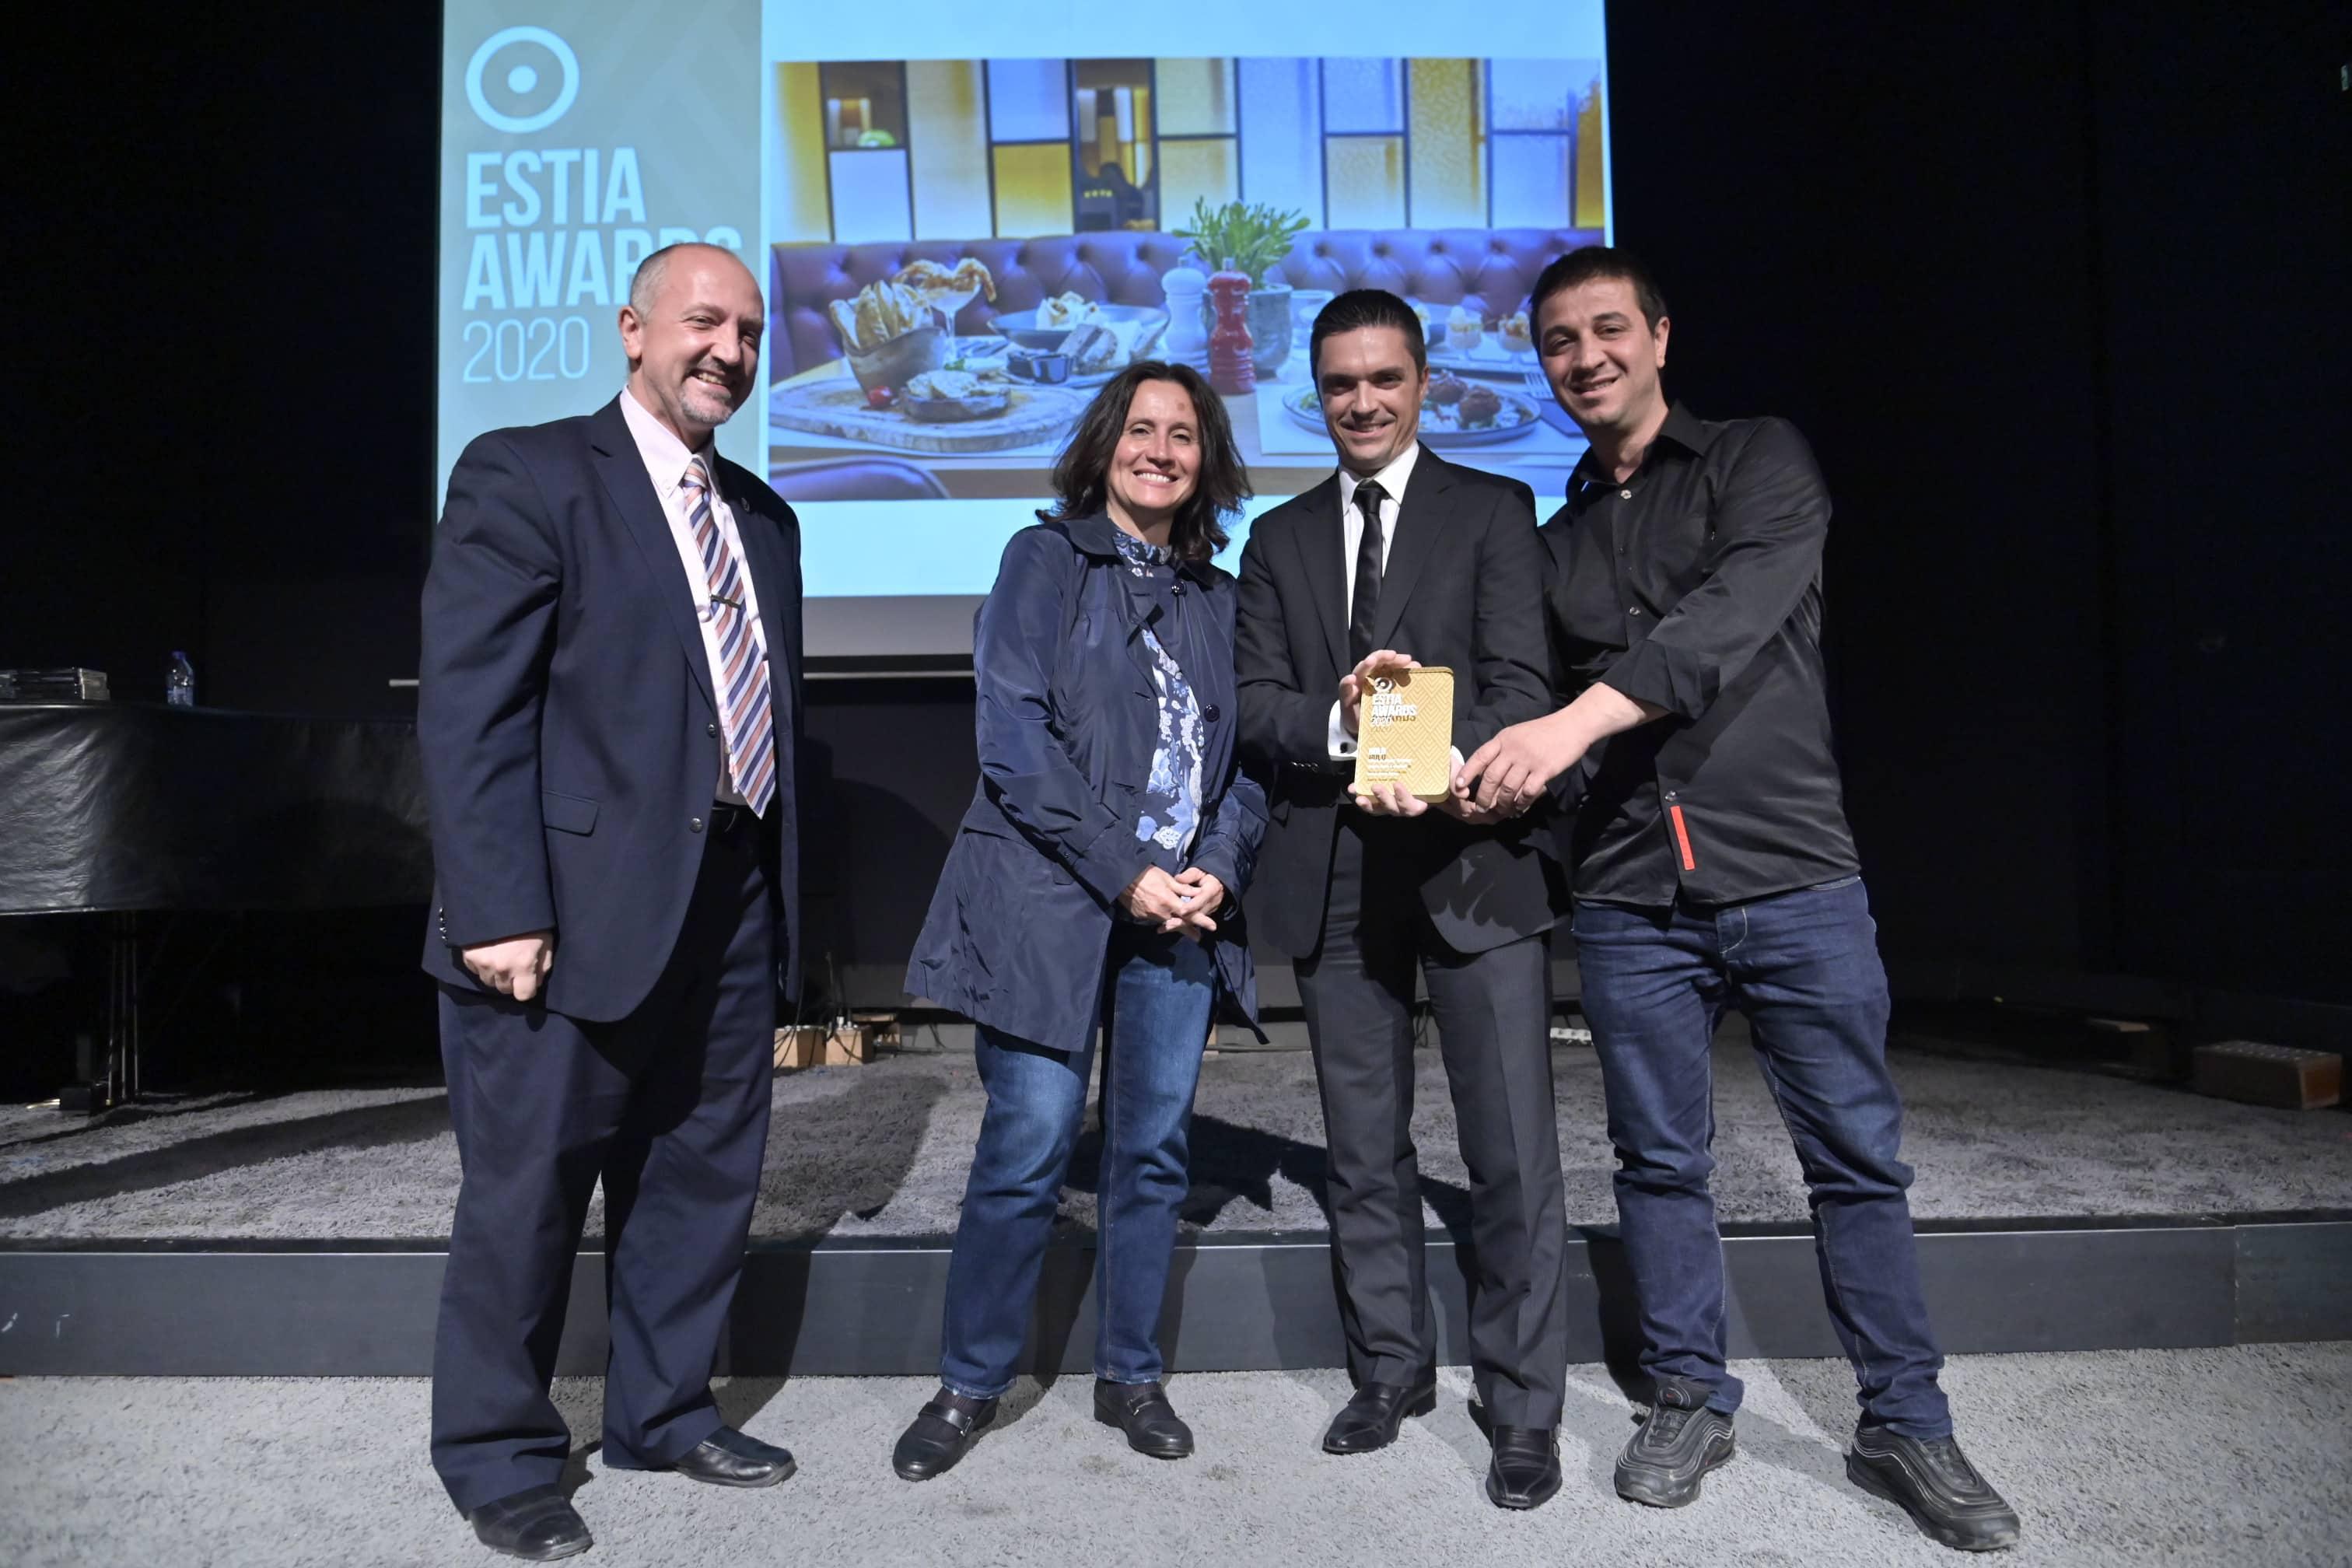 Χρυσή διάκριση για το Zinglee στα Estia Awards 2020